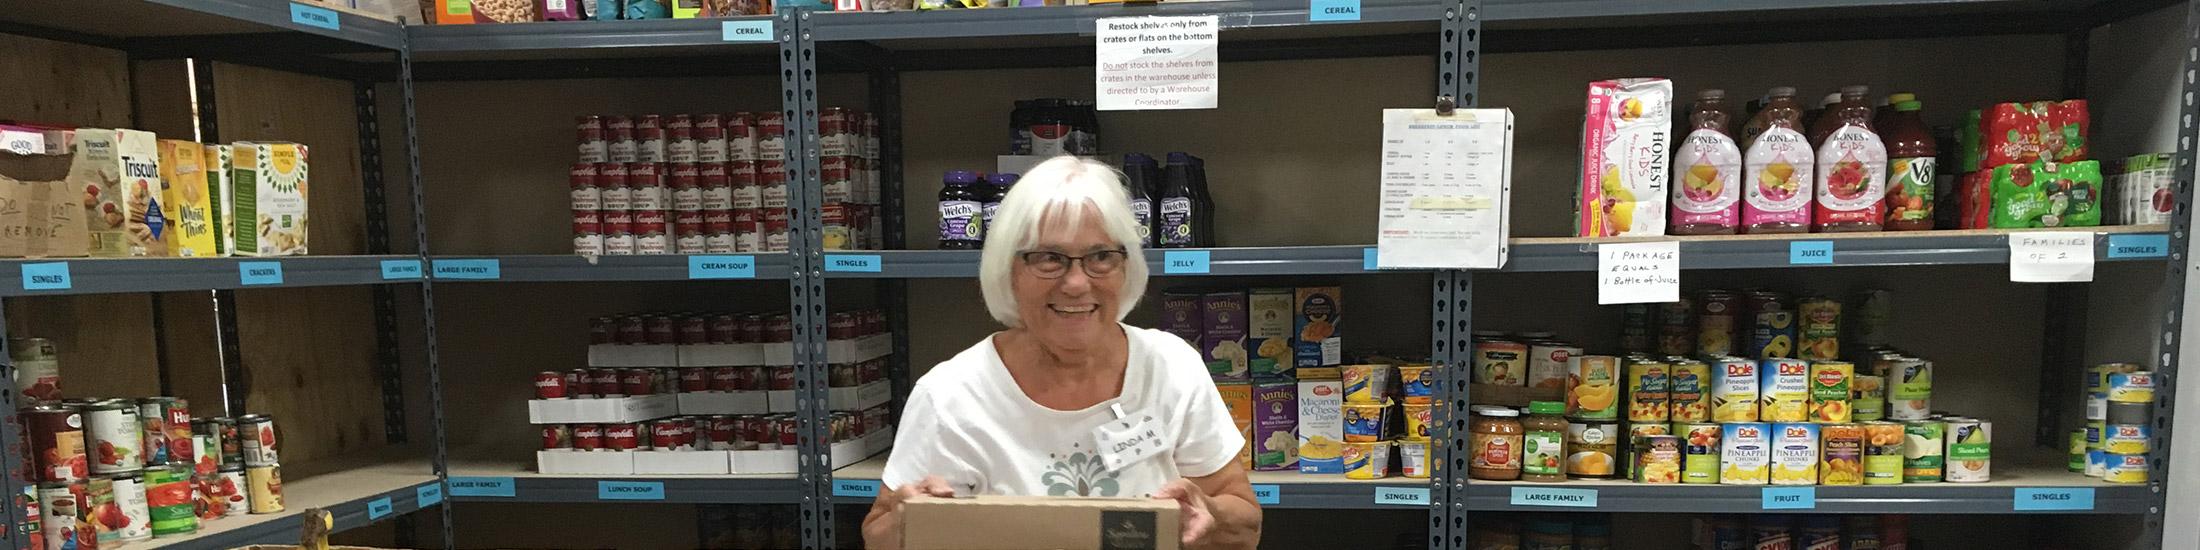 volunteer at foothills food bank